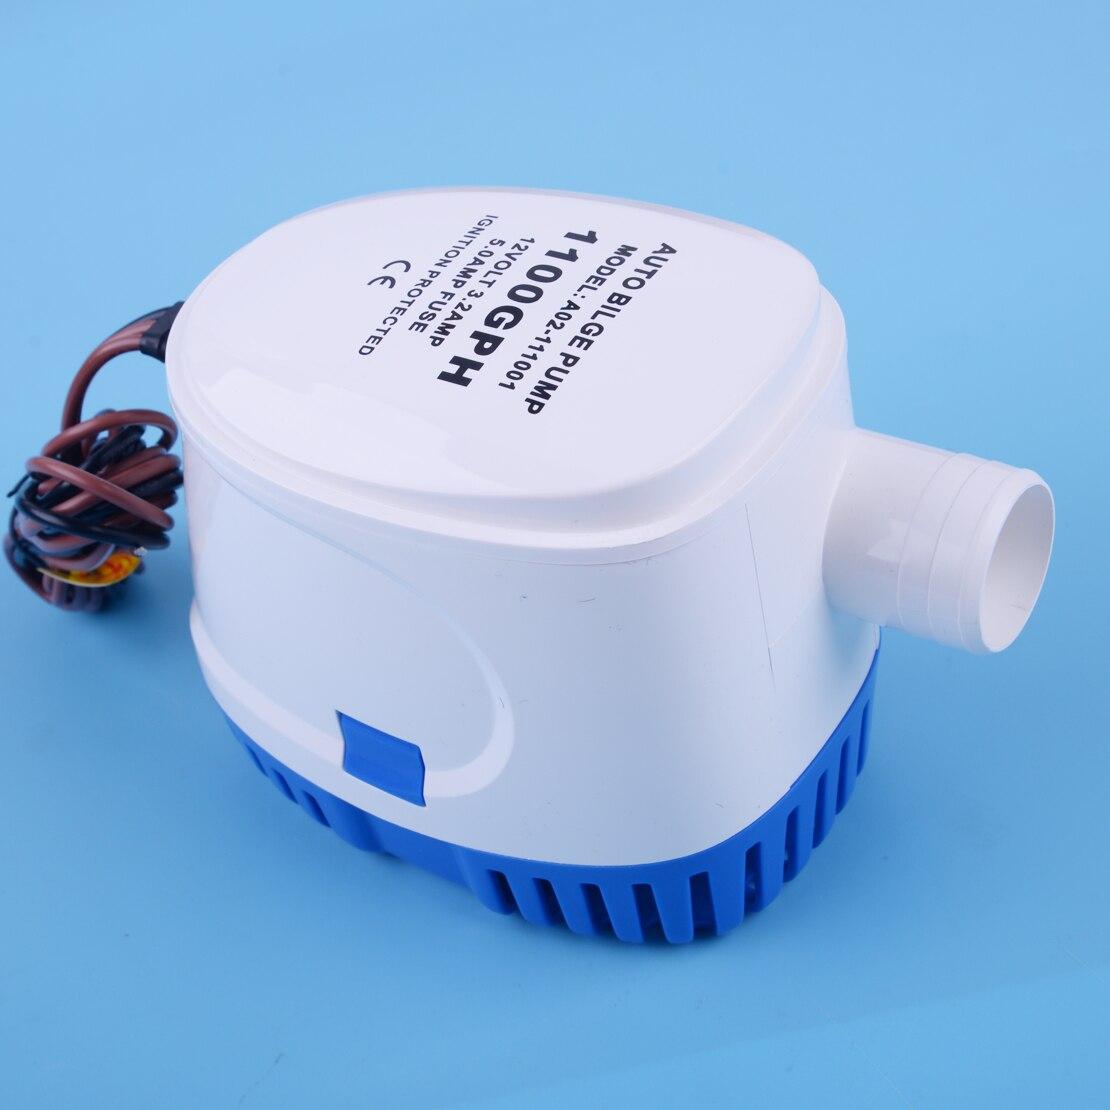 Pompe à eau automatique Marine de cale de beler 12 V 1100GPH 3.2A ubmersible avec le commutateur de flotteur pour les coques de bateau/réservoirs d'appât de cale